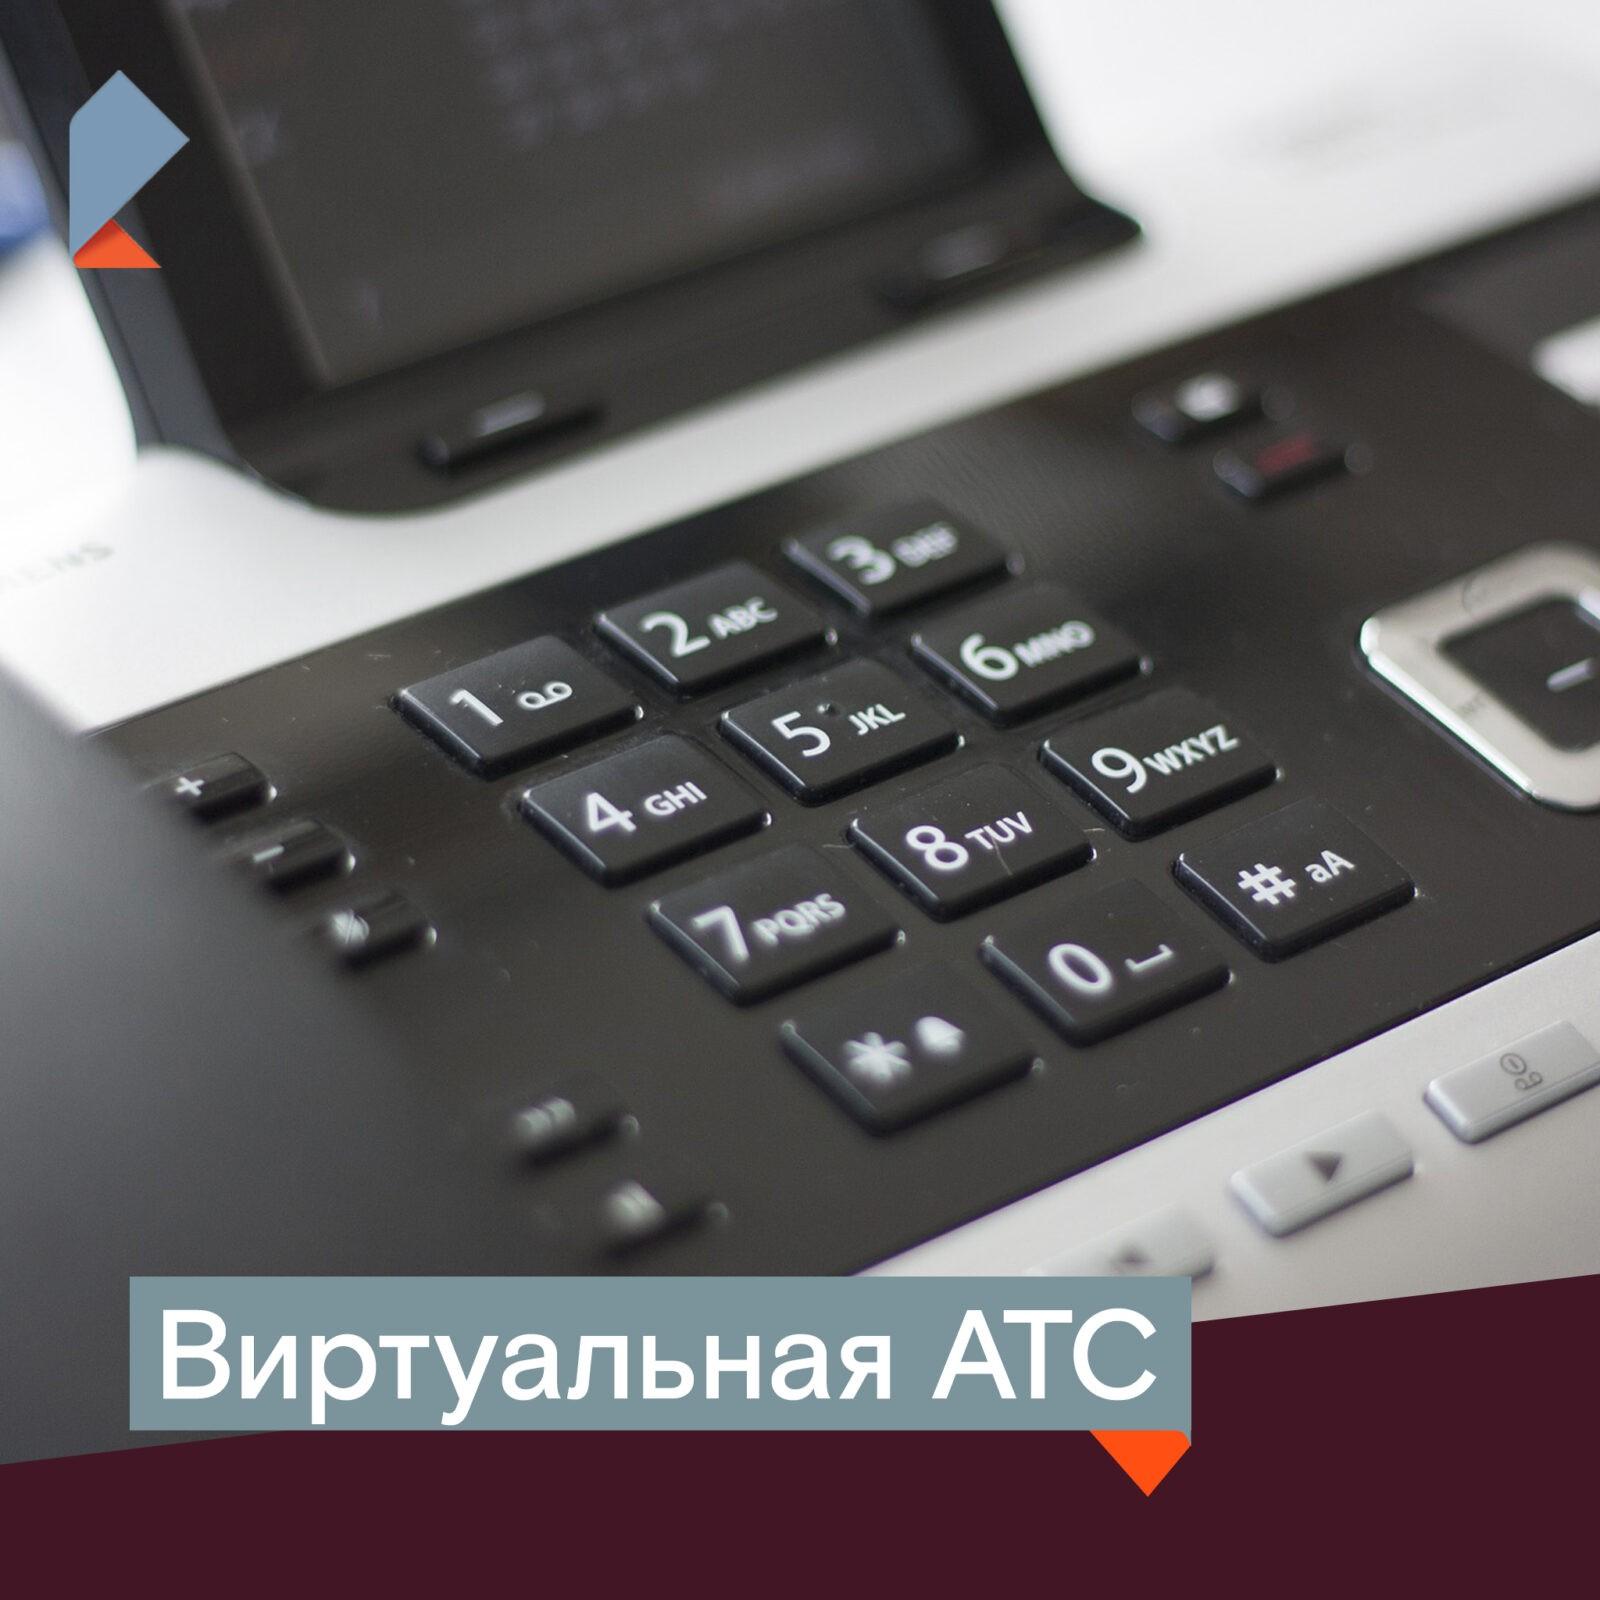 500 тверских предприятий выбрали в этом году «Виртуальную АТС» от «Ростелекома»